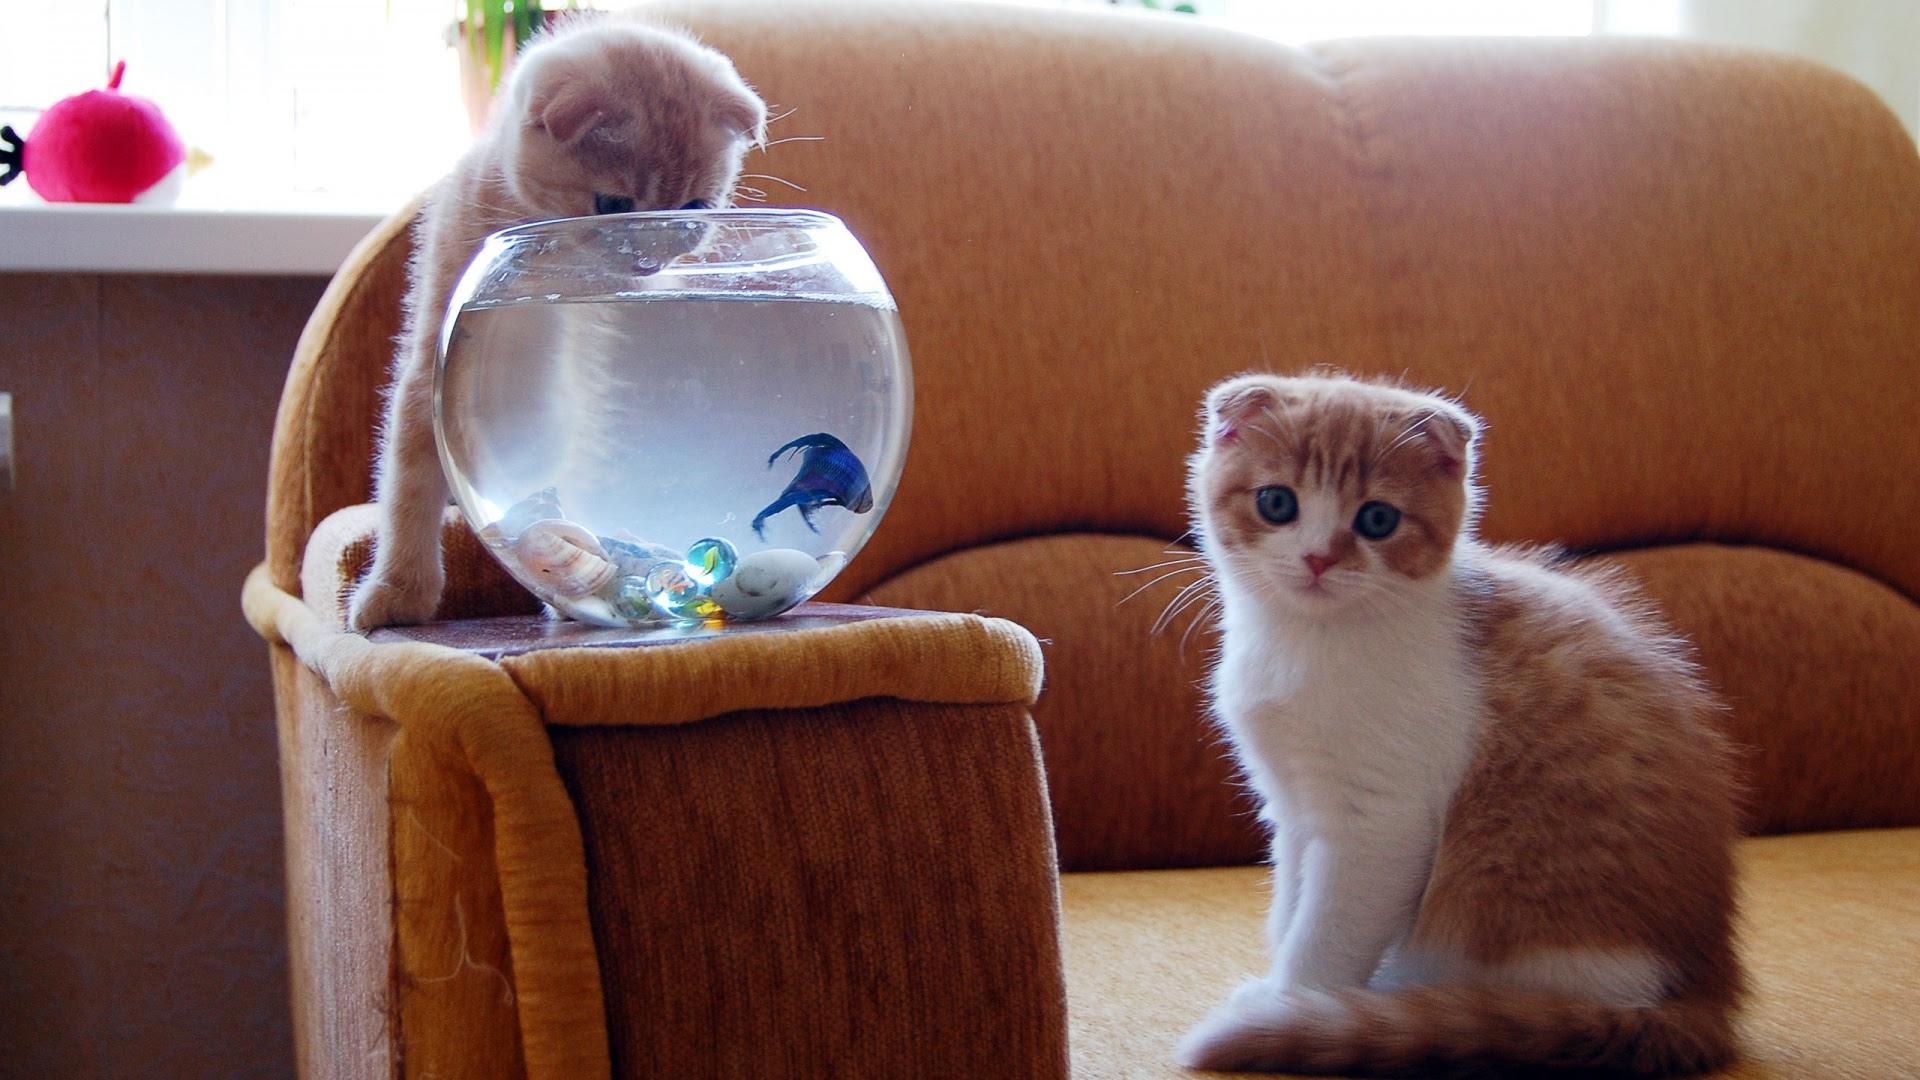 kittens aquarium fish hunt [1920x1080]